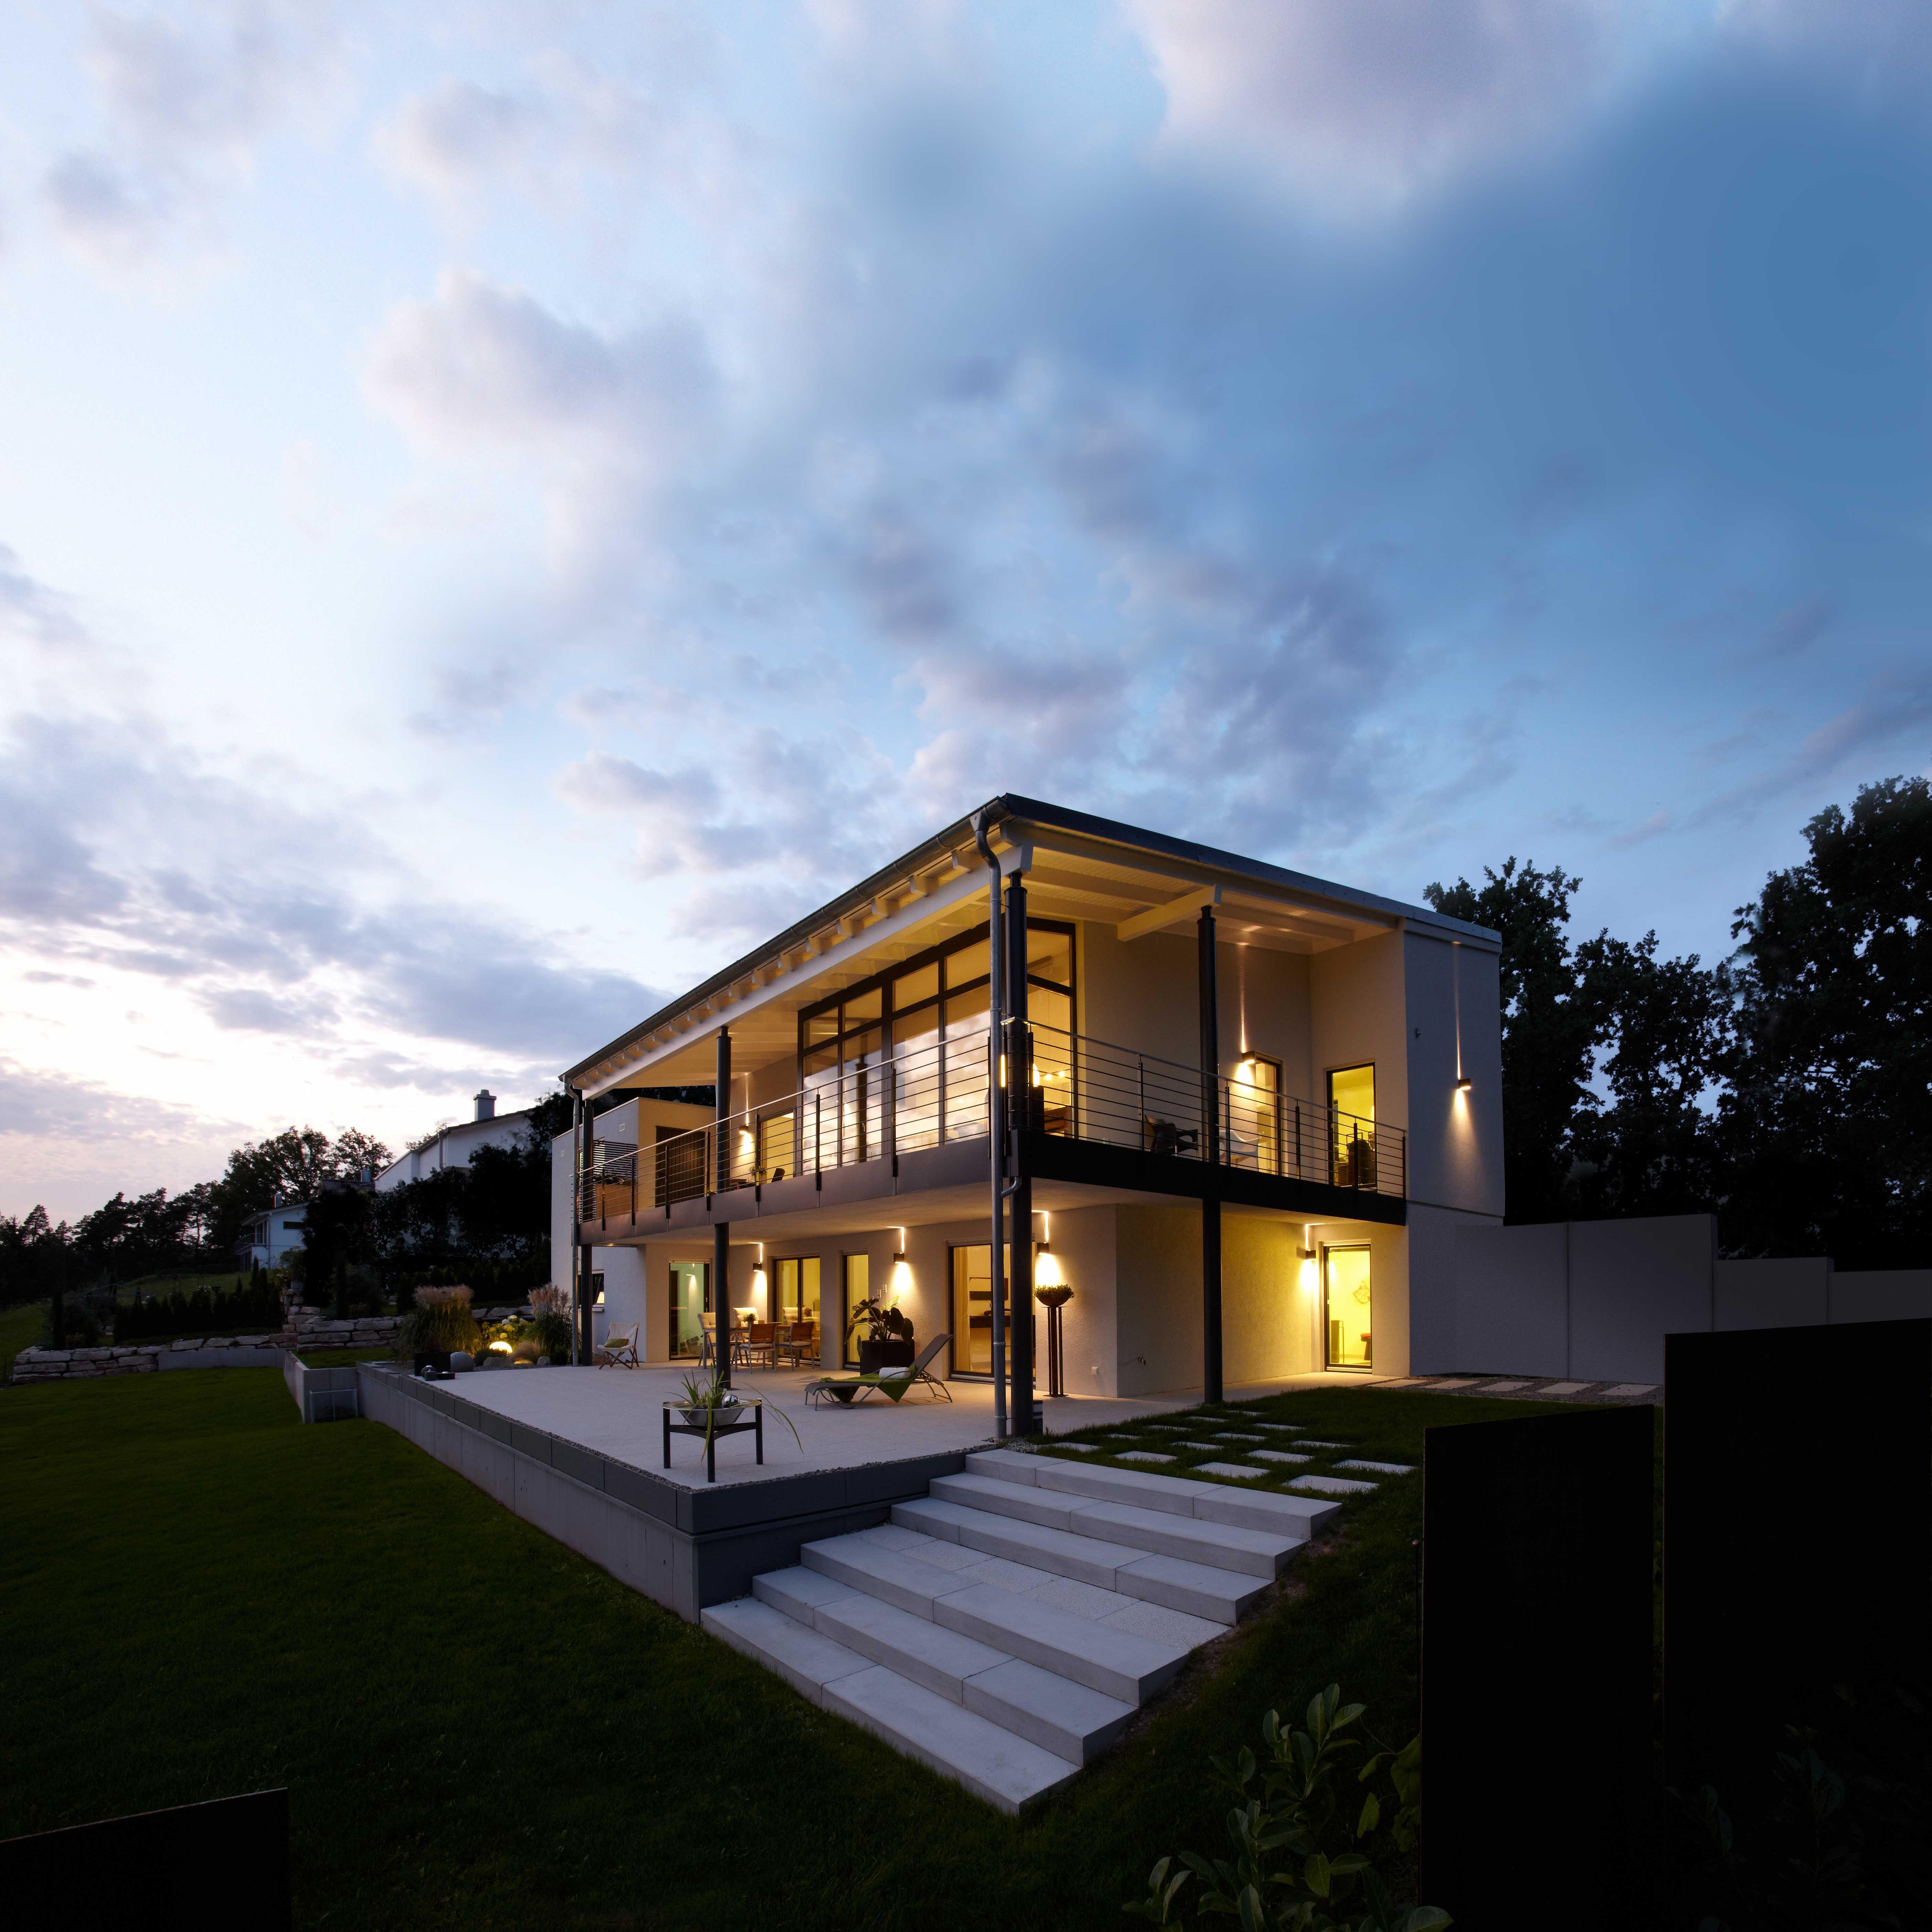 r ckansicht des luxus fertighaus bei nacht hausbau haustypen pinterest luxus fertighaus. Black Bedroom Furniture Sets. Home Design Ideas